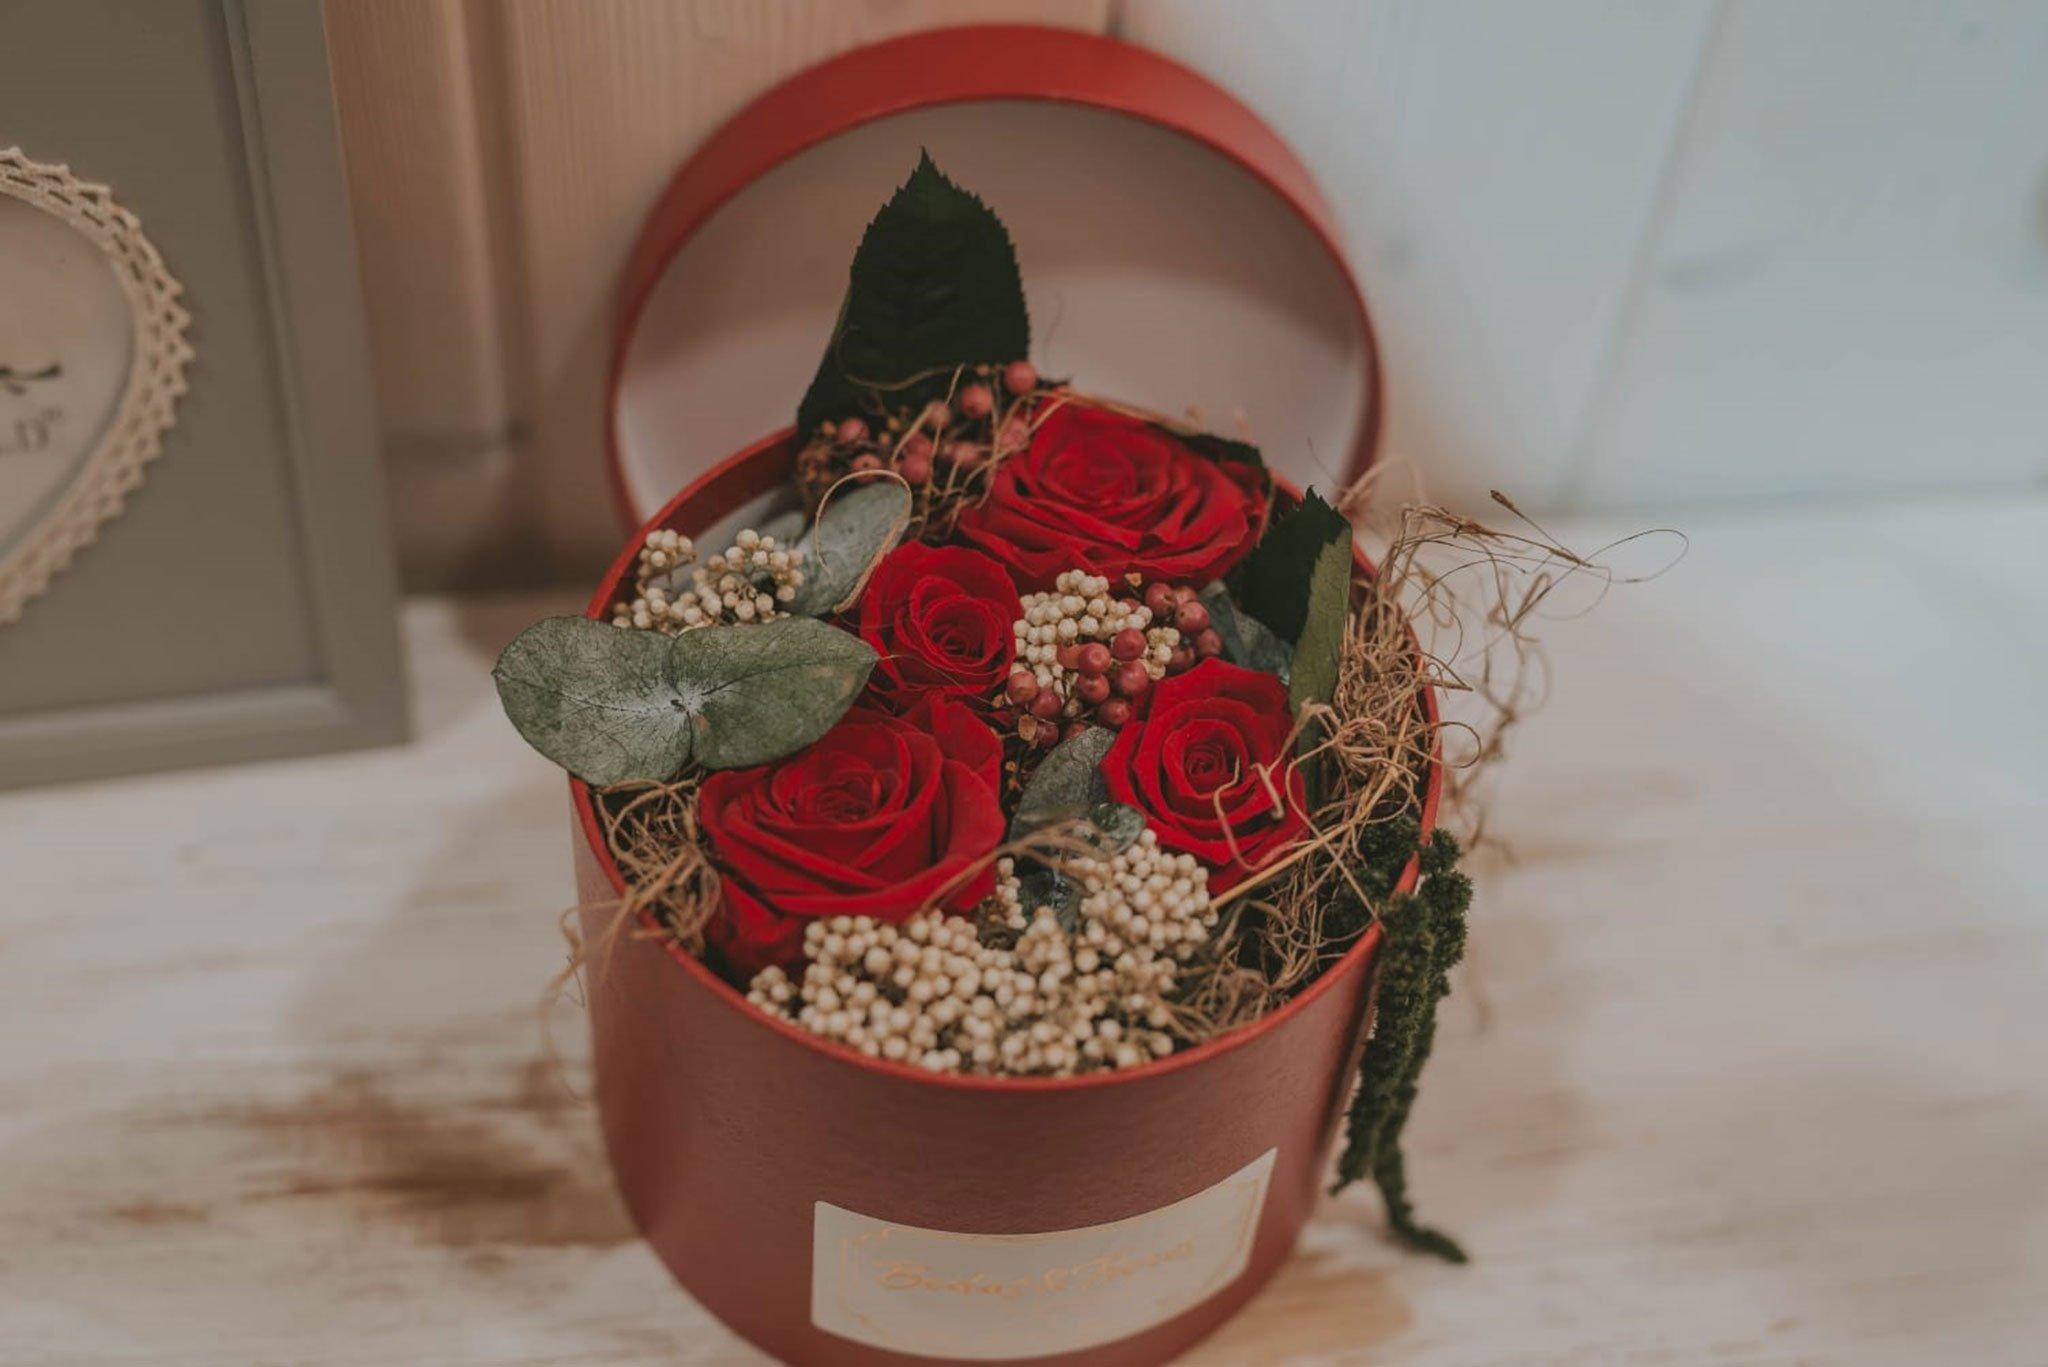 Boîte à chapeau fleur conservée pour la Saint-Valentin - Mariages et fleurs